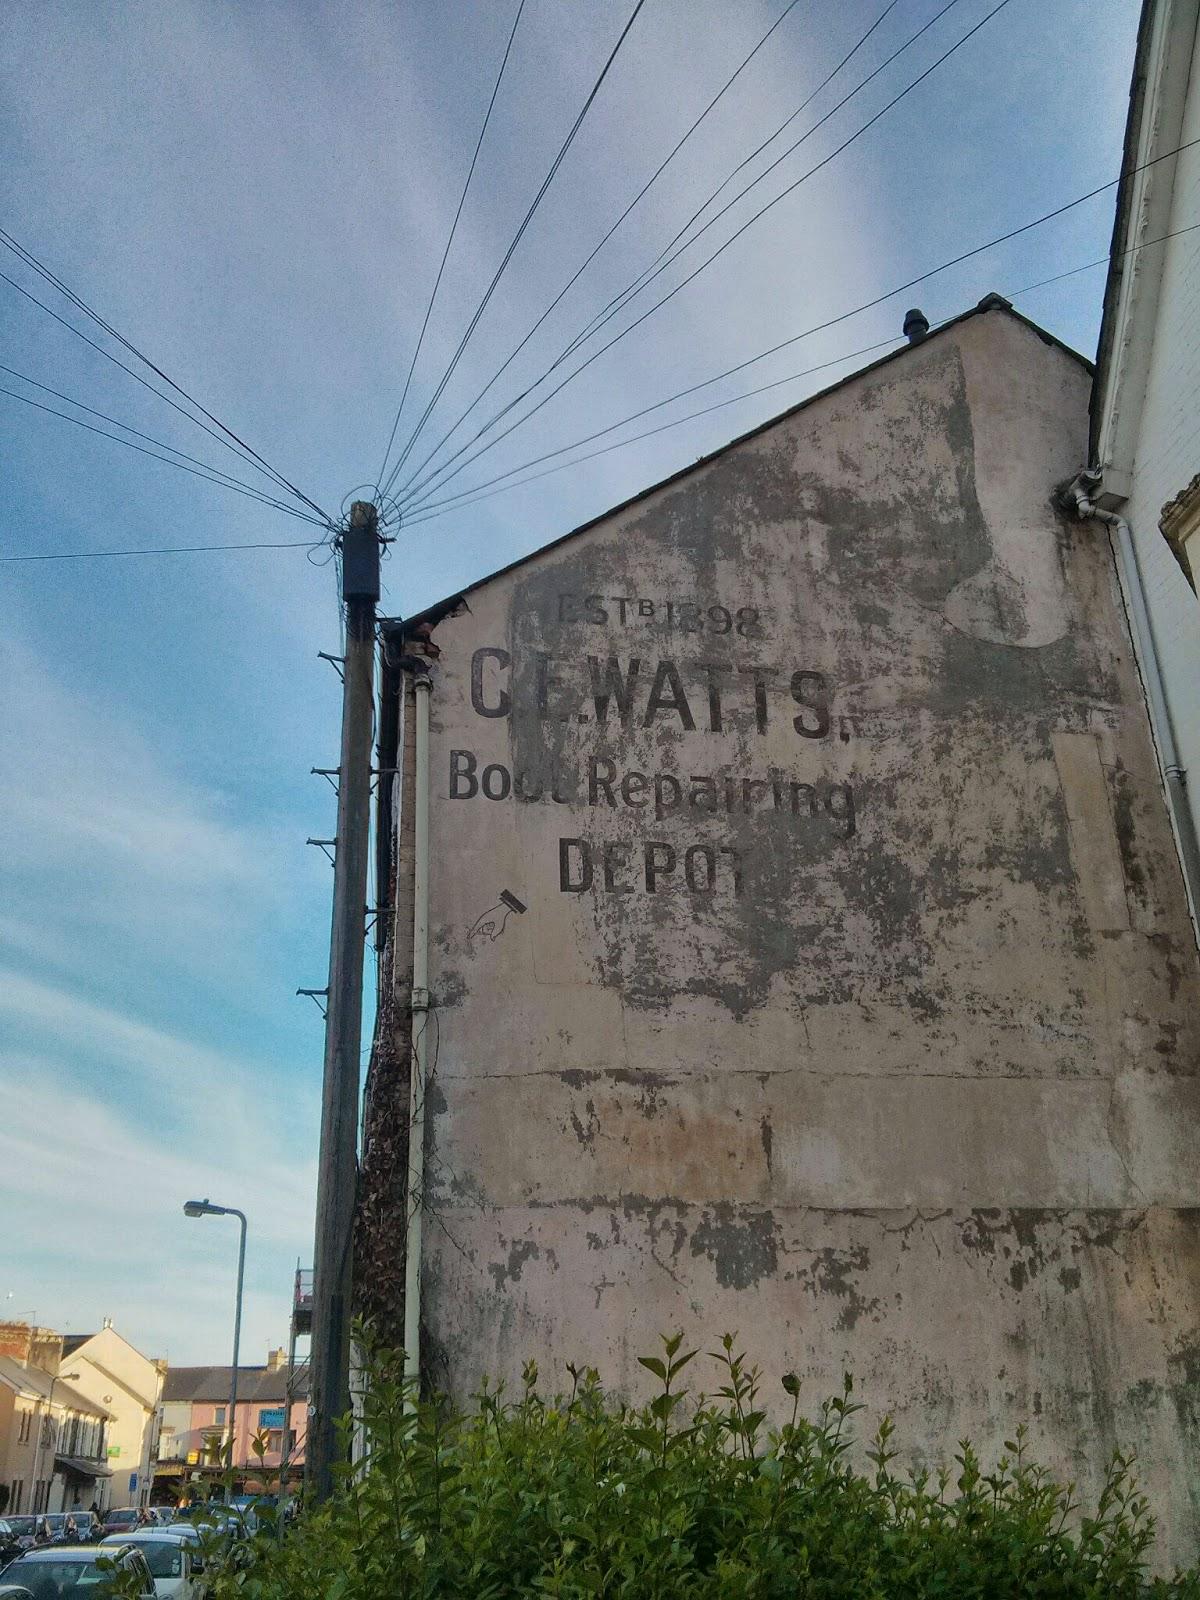 'EST.B. 1898 C.E. WATTS, Book Repairing DEPOT'